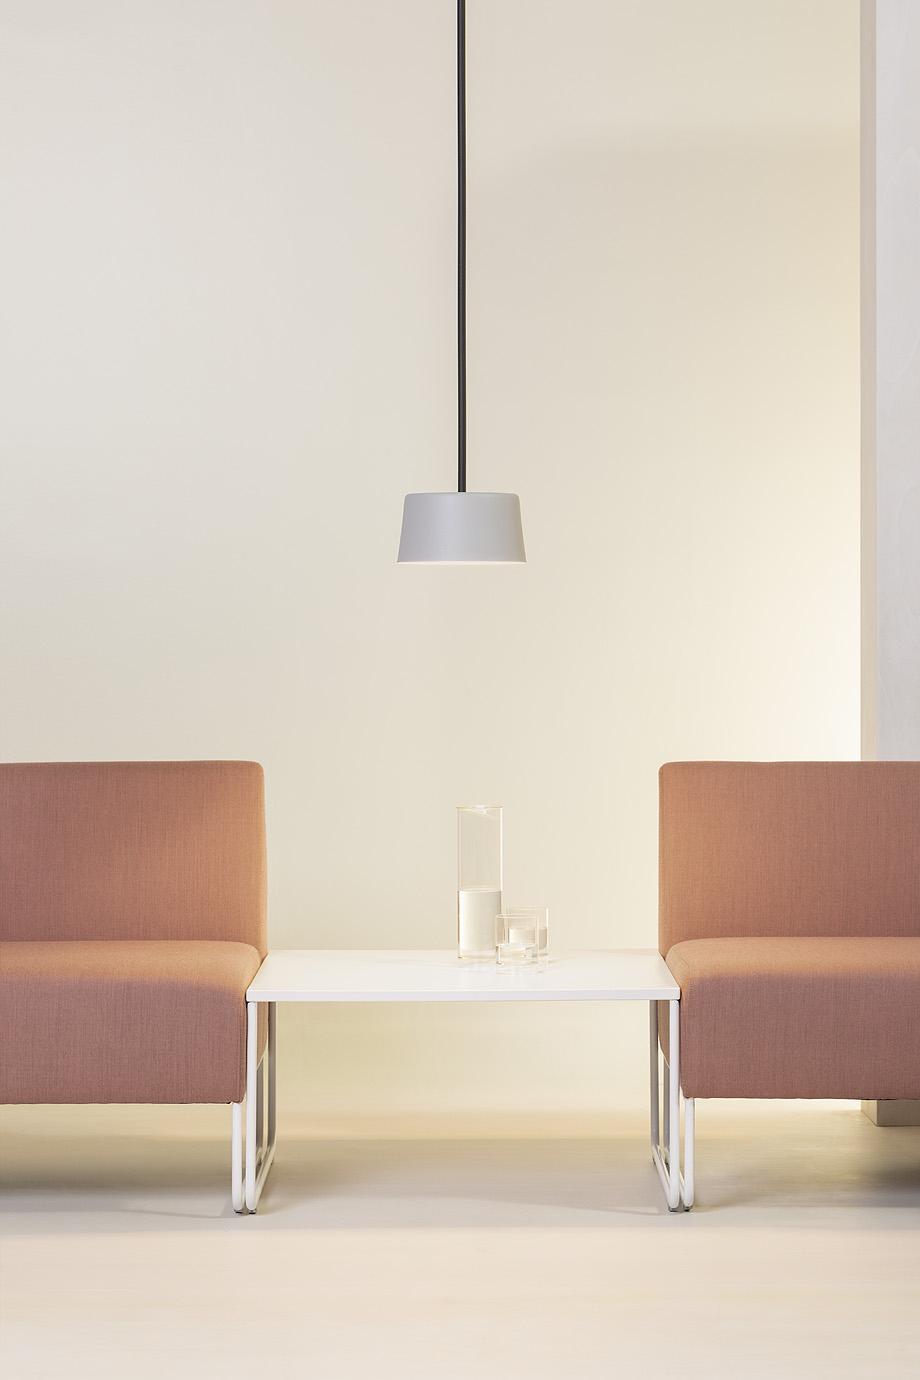 asientos modulares dula de yago sarri para verges (4)